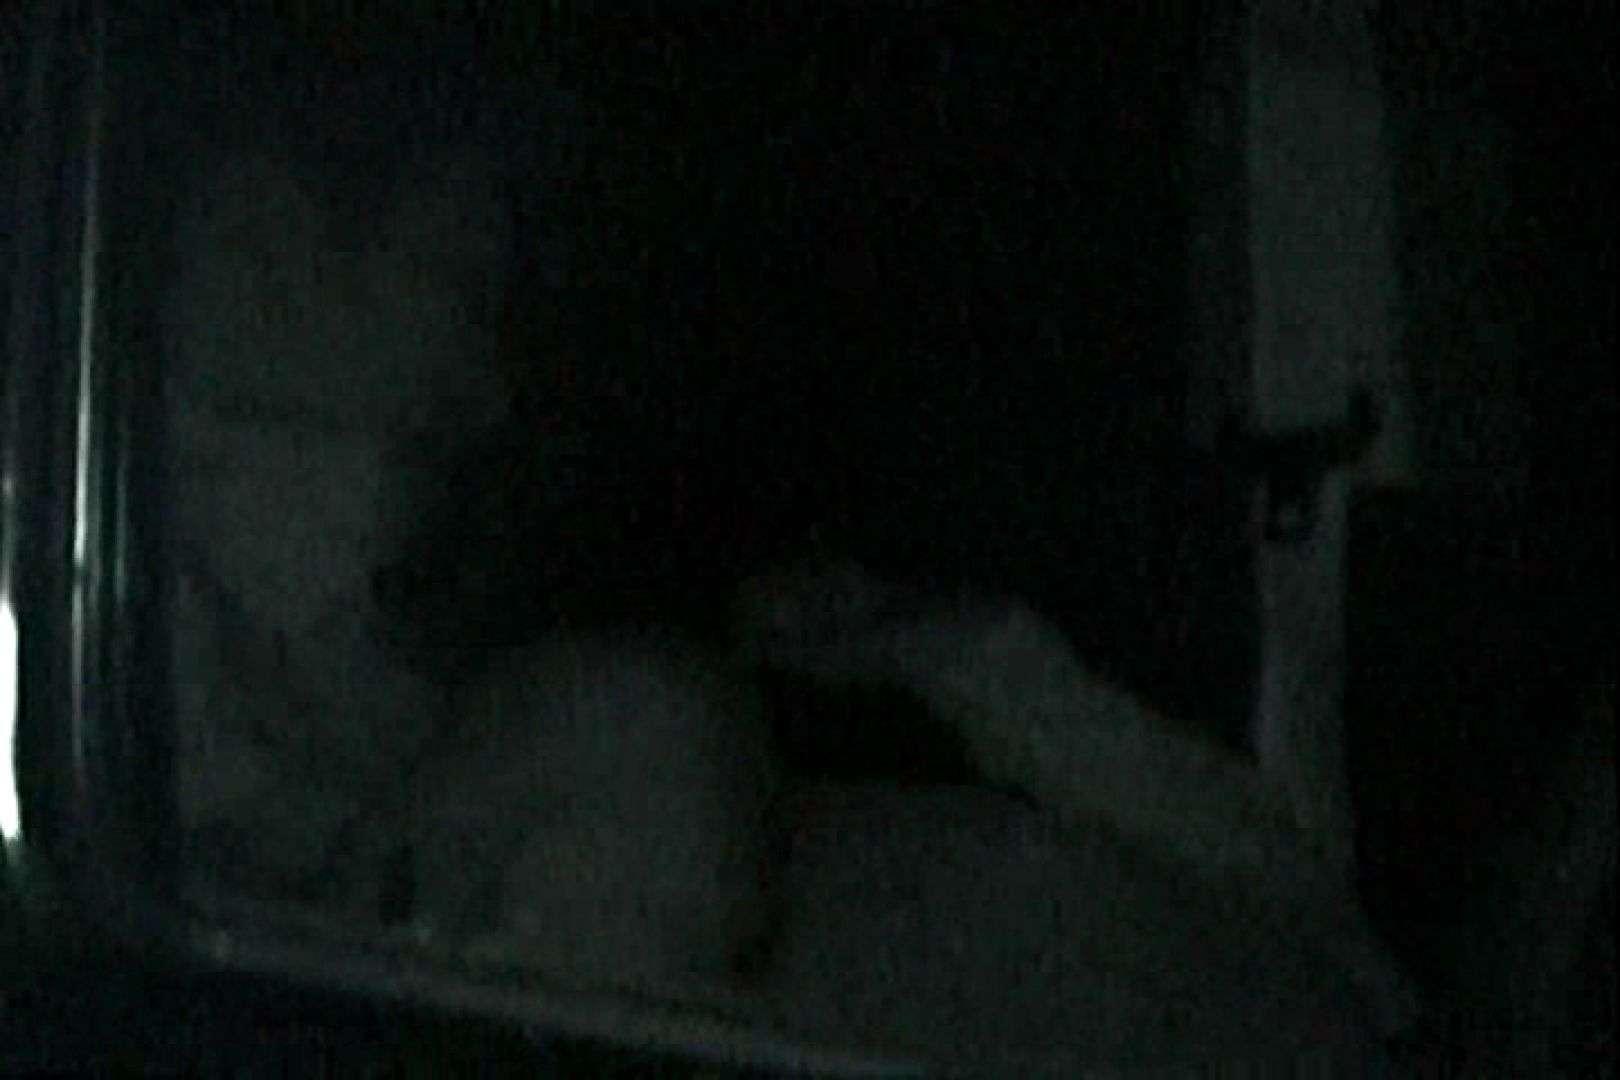 充血監督の深夜の運動会Vol.126 カーセックス すけべAV動画紹介 92pic 87